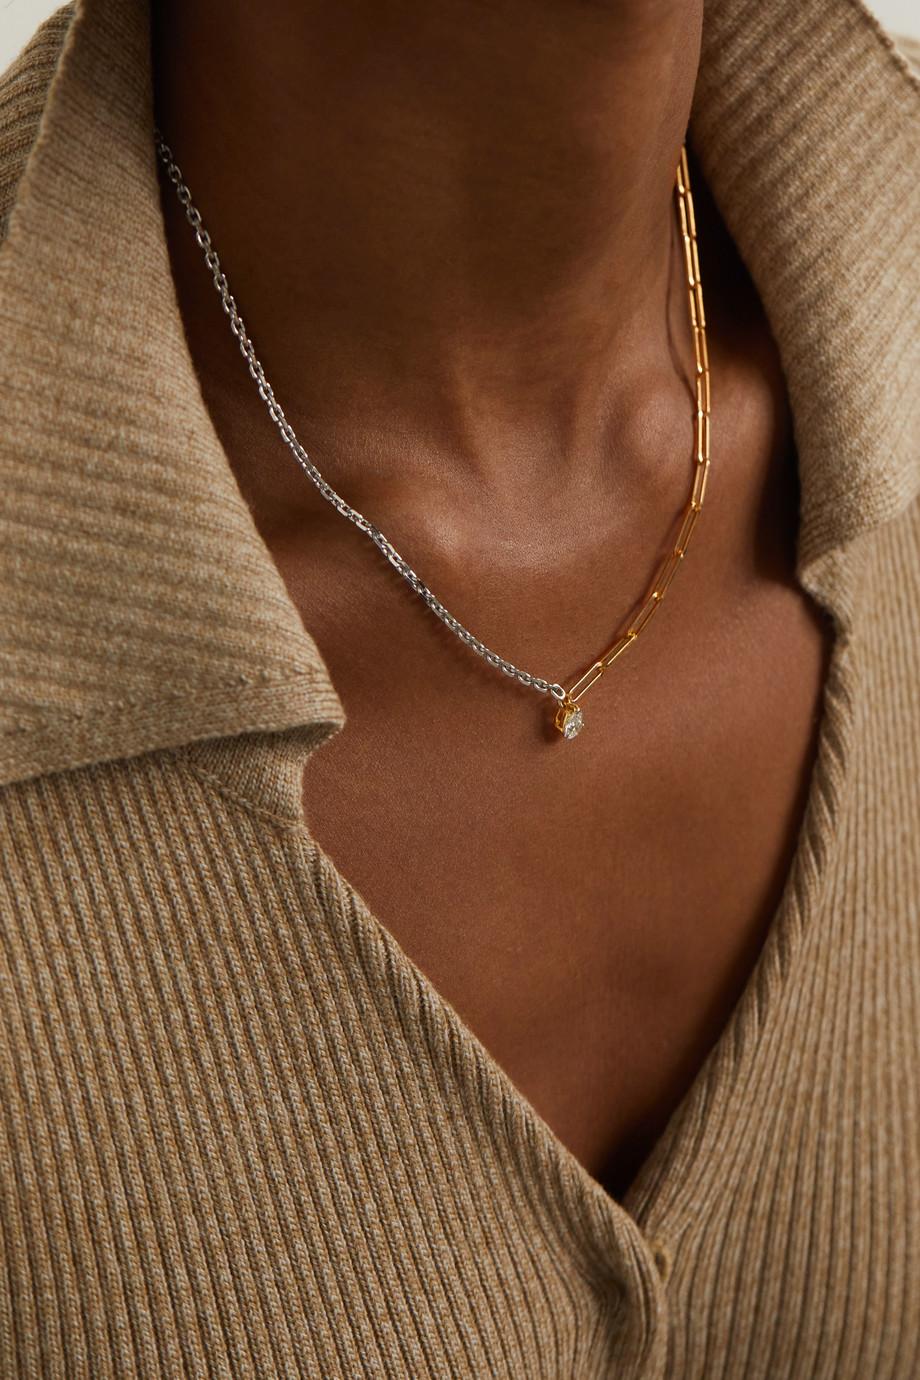 Yvonne Léon 18-karat yellow and white gold diamond necklace